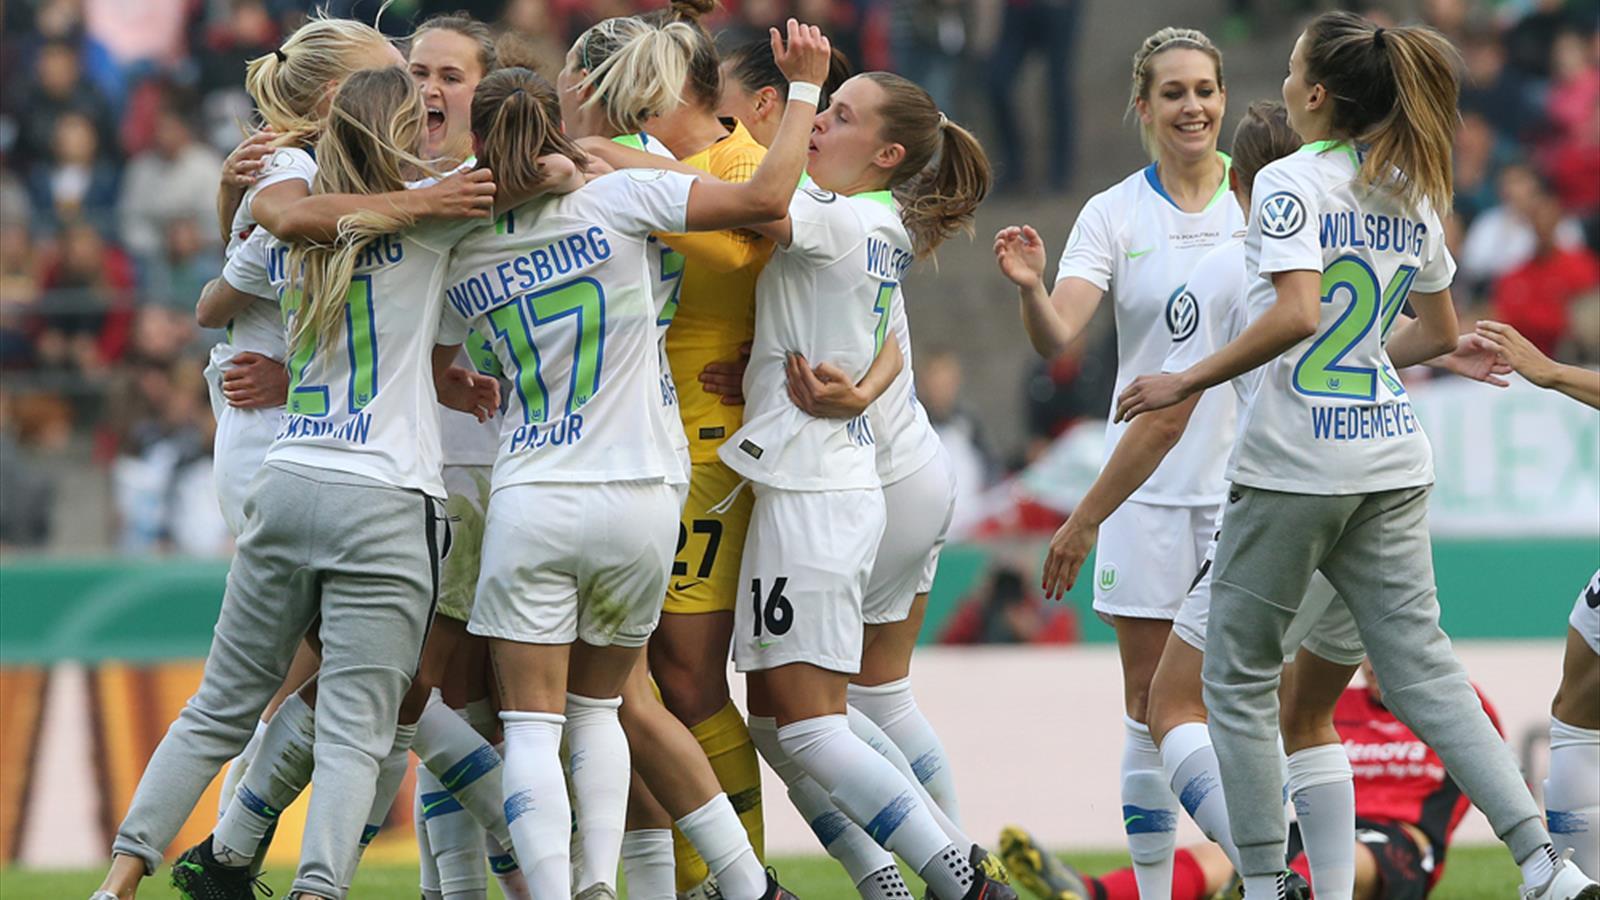 Frauen Fussball Bundesliga